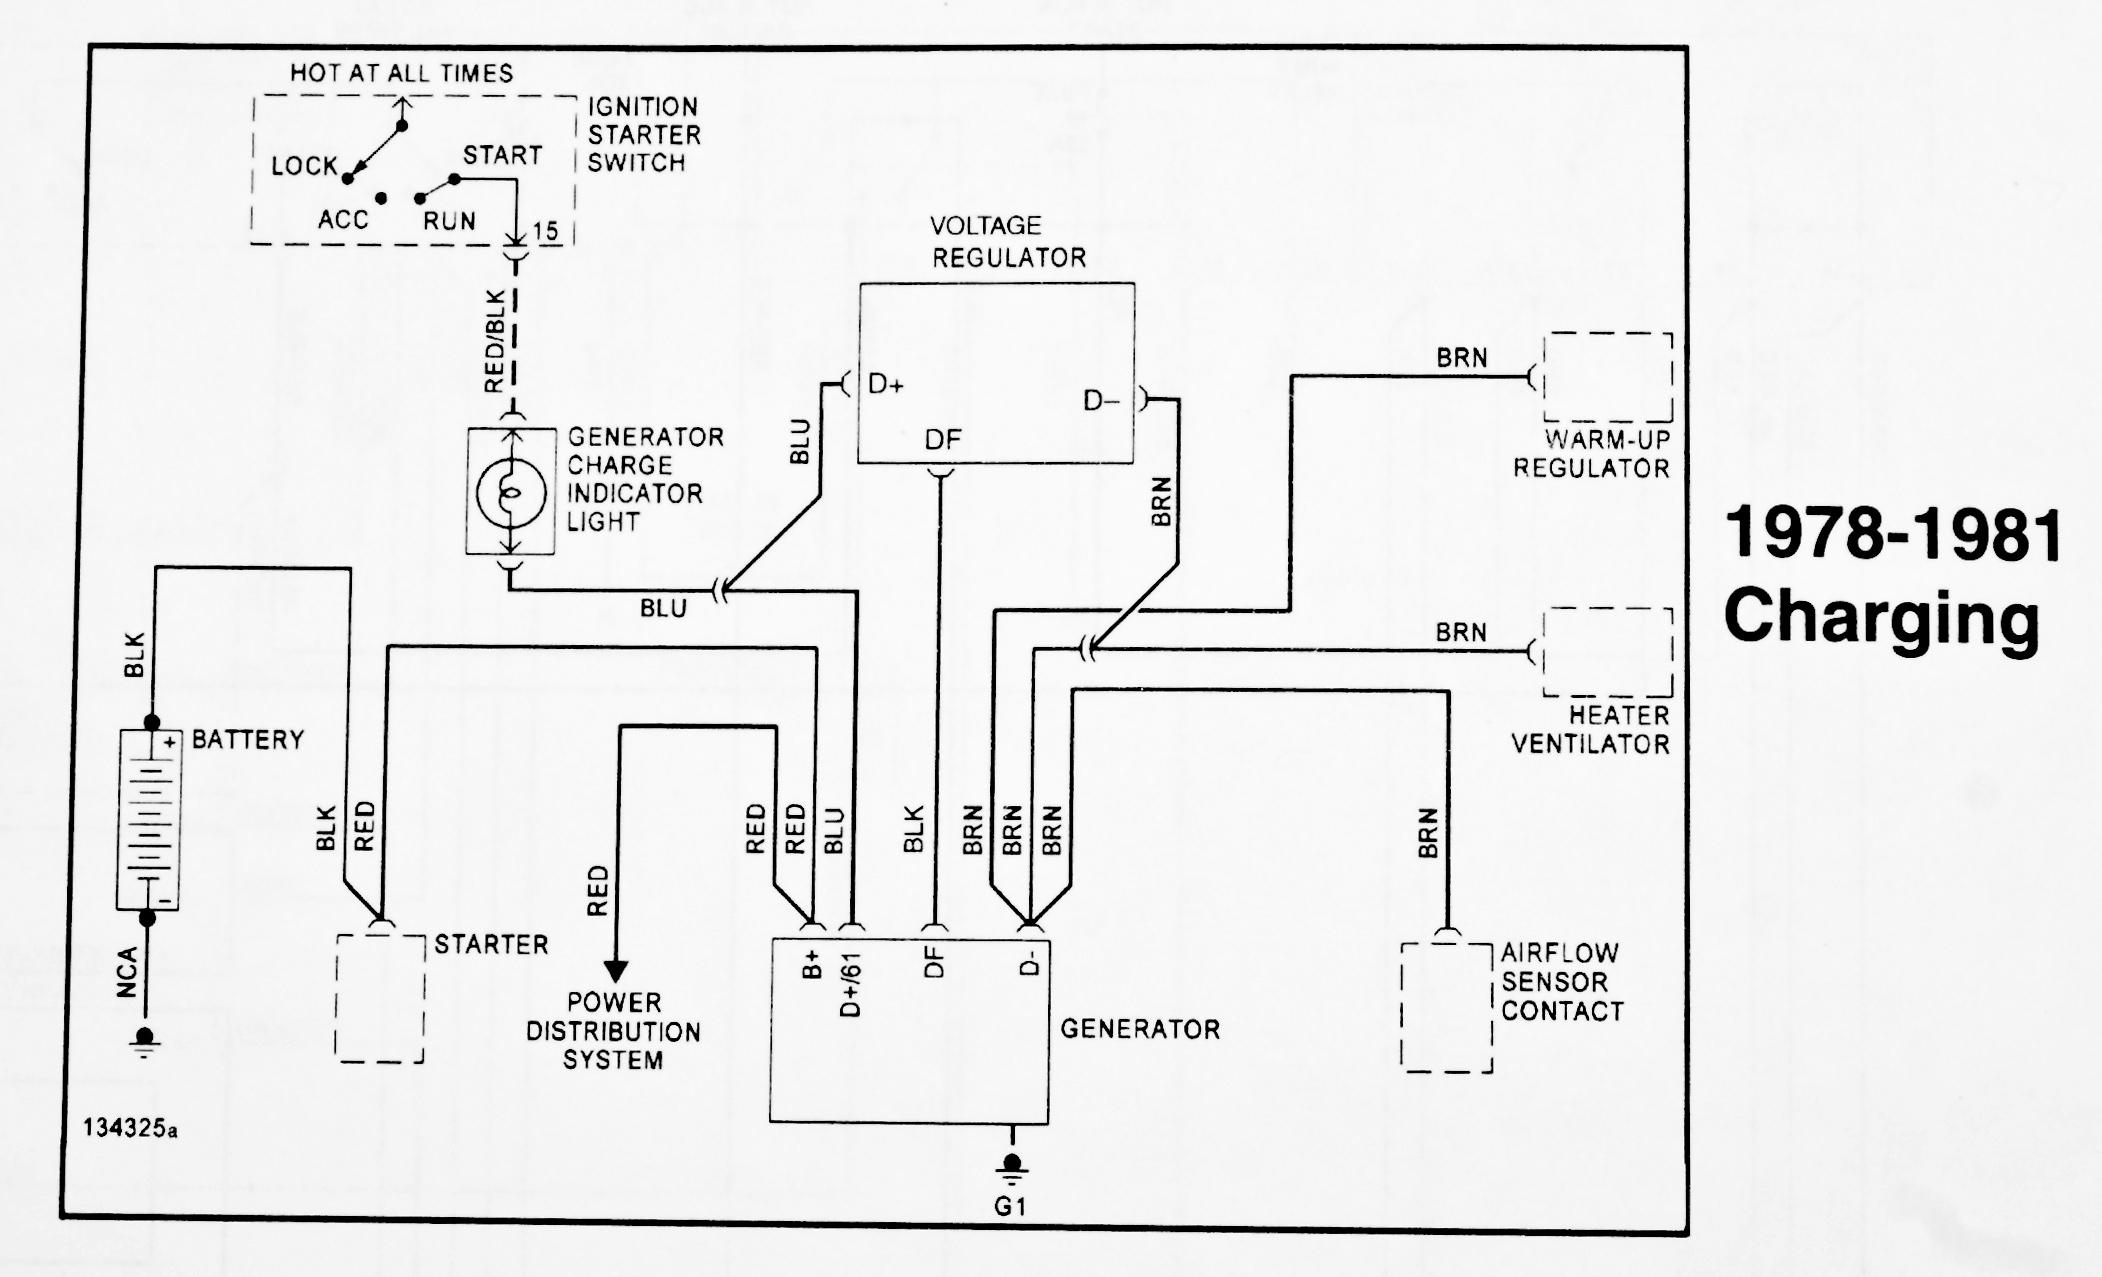 hight resolution of 1979 porsche 924 wiring alternator wiring diagrams konsult porsche 928 wiring diagram 1978